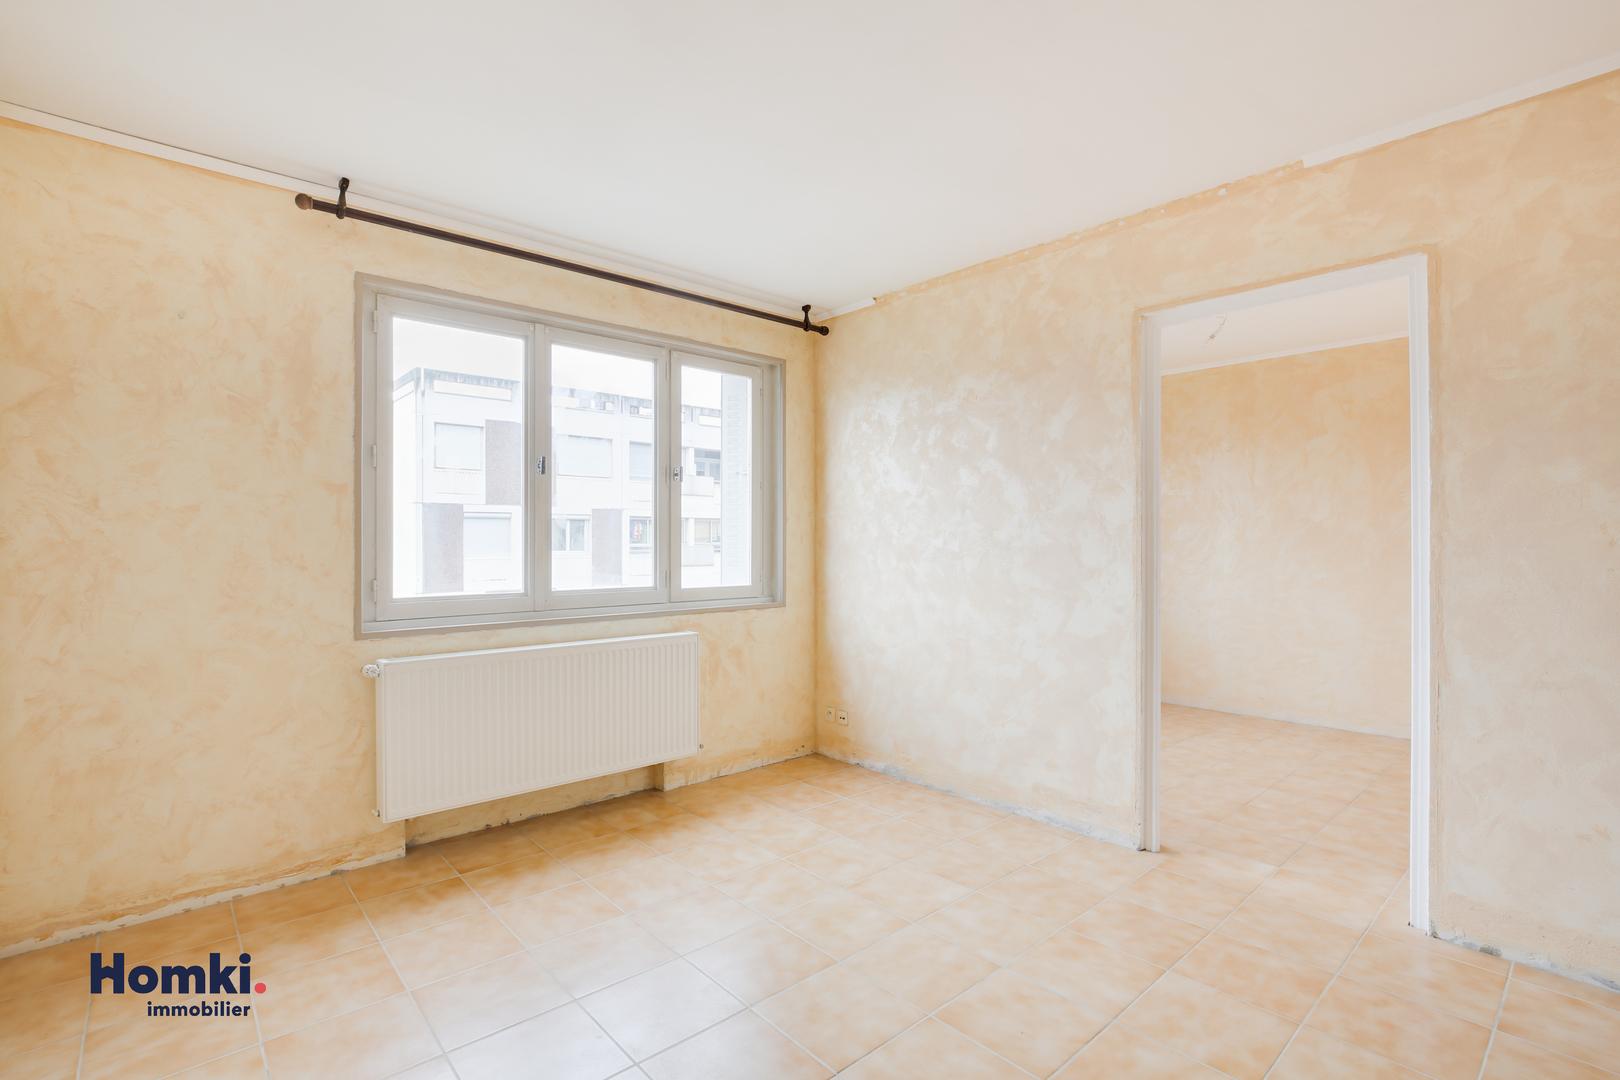 Vente appartement 75m² T4 69800_ 2